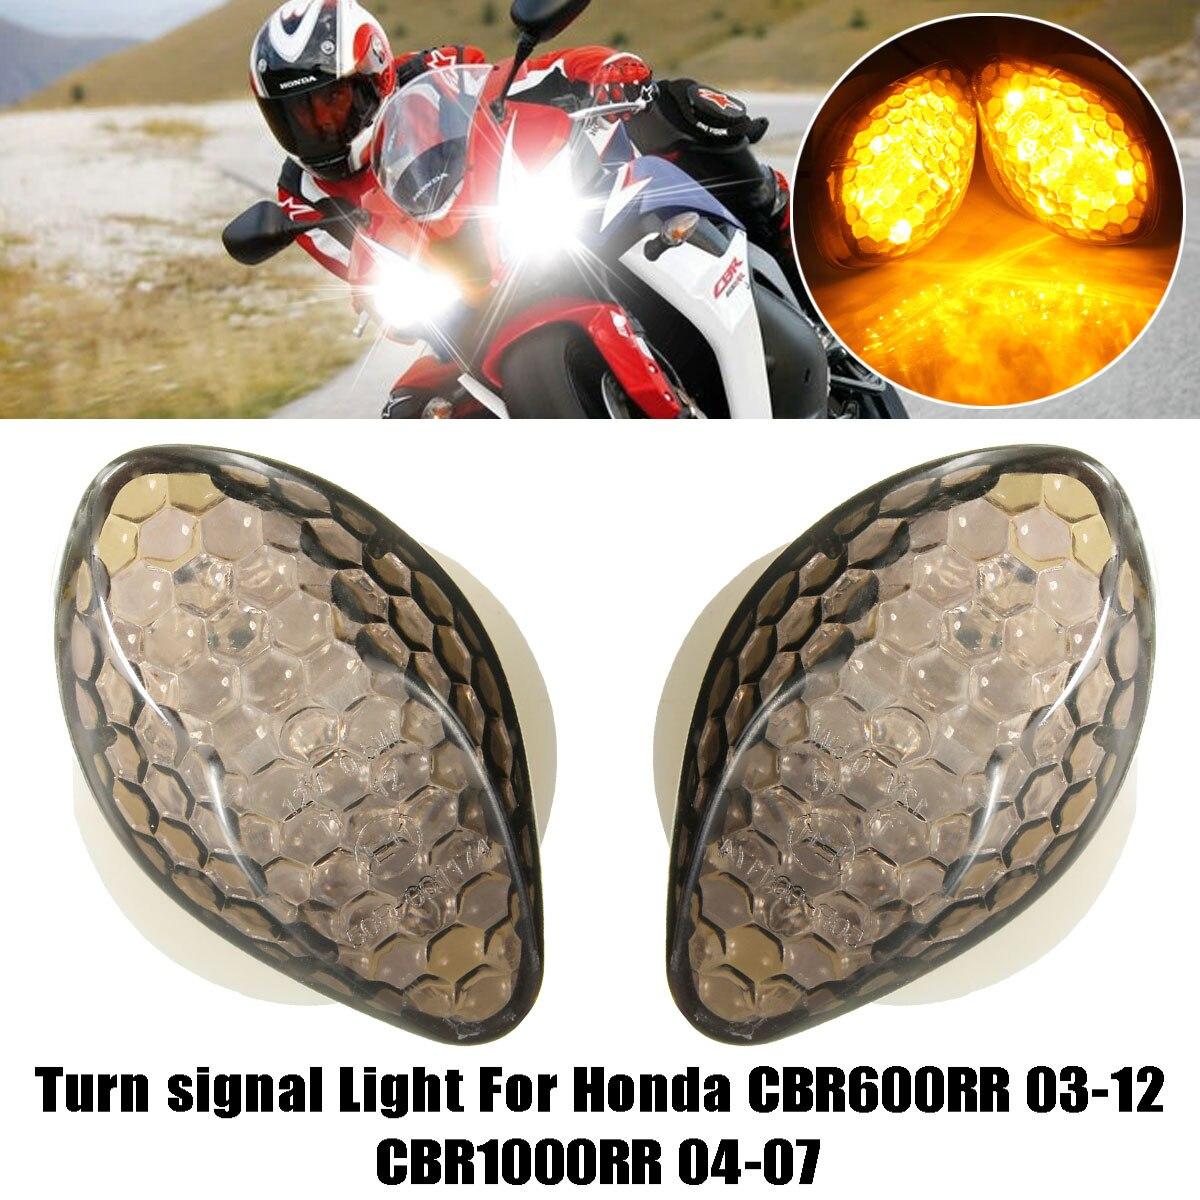 Car Led 12v 15 Led Motorcycle Turn Signal Light Bulb Blinker For Honda Cbr600rr 03  07 Turn Signal Light Smoke In Signal Lamp From